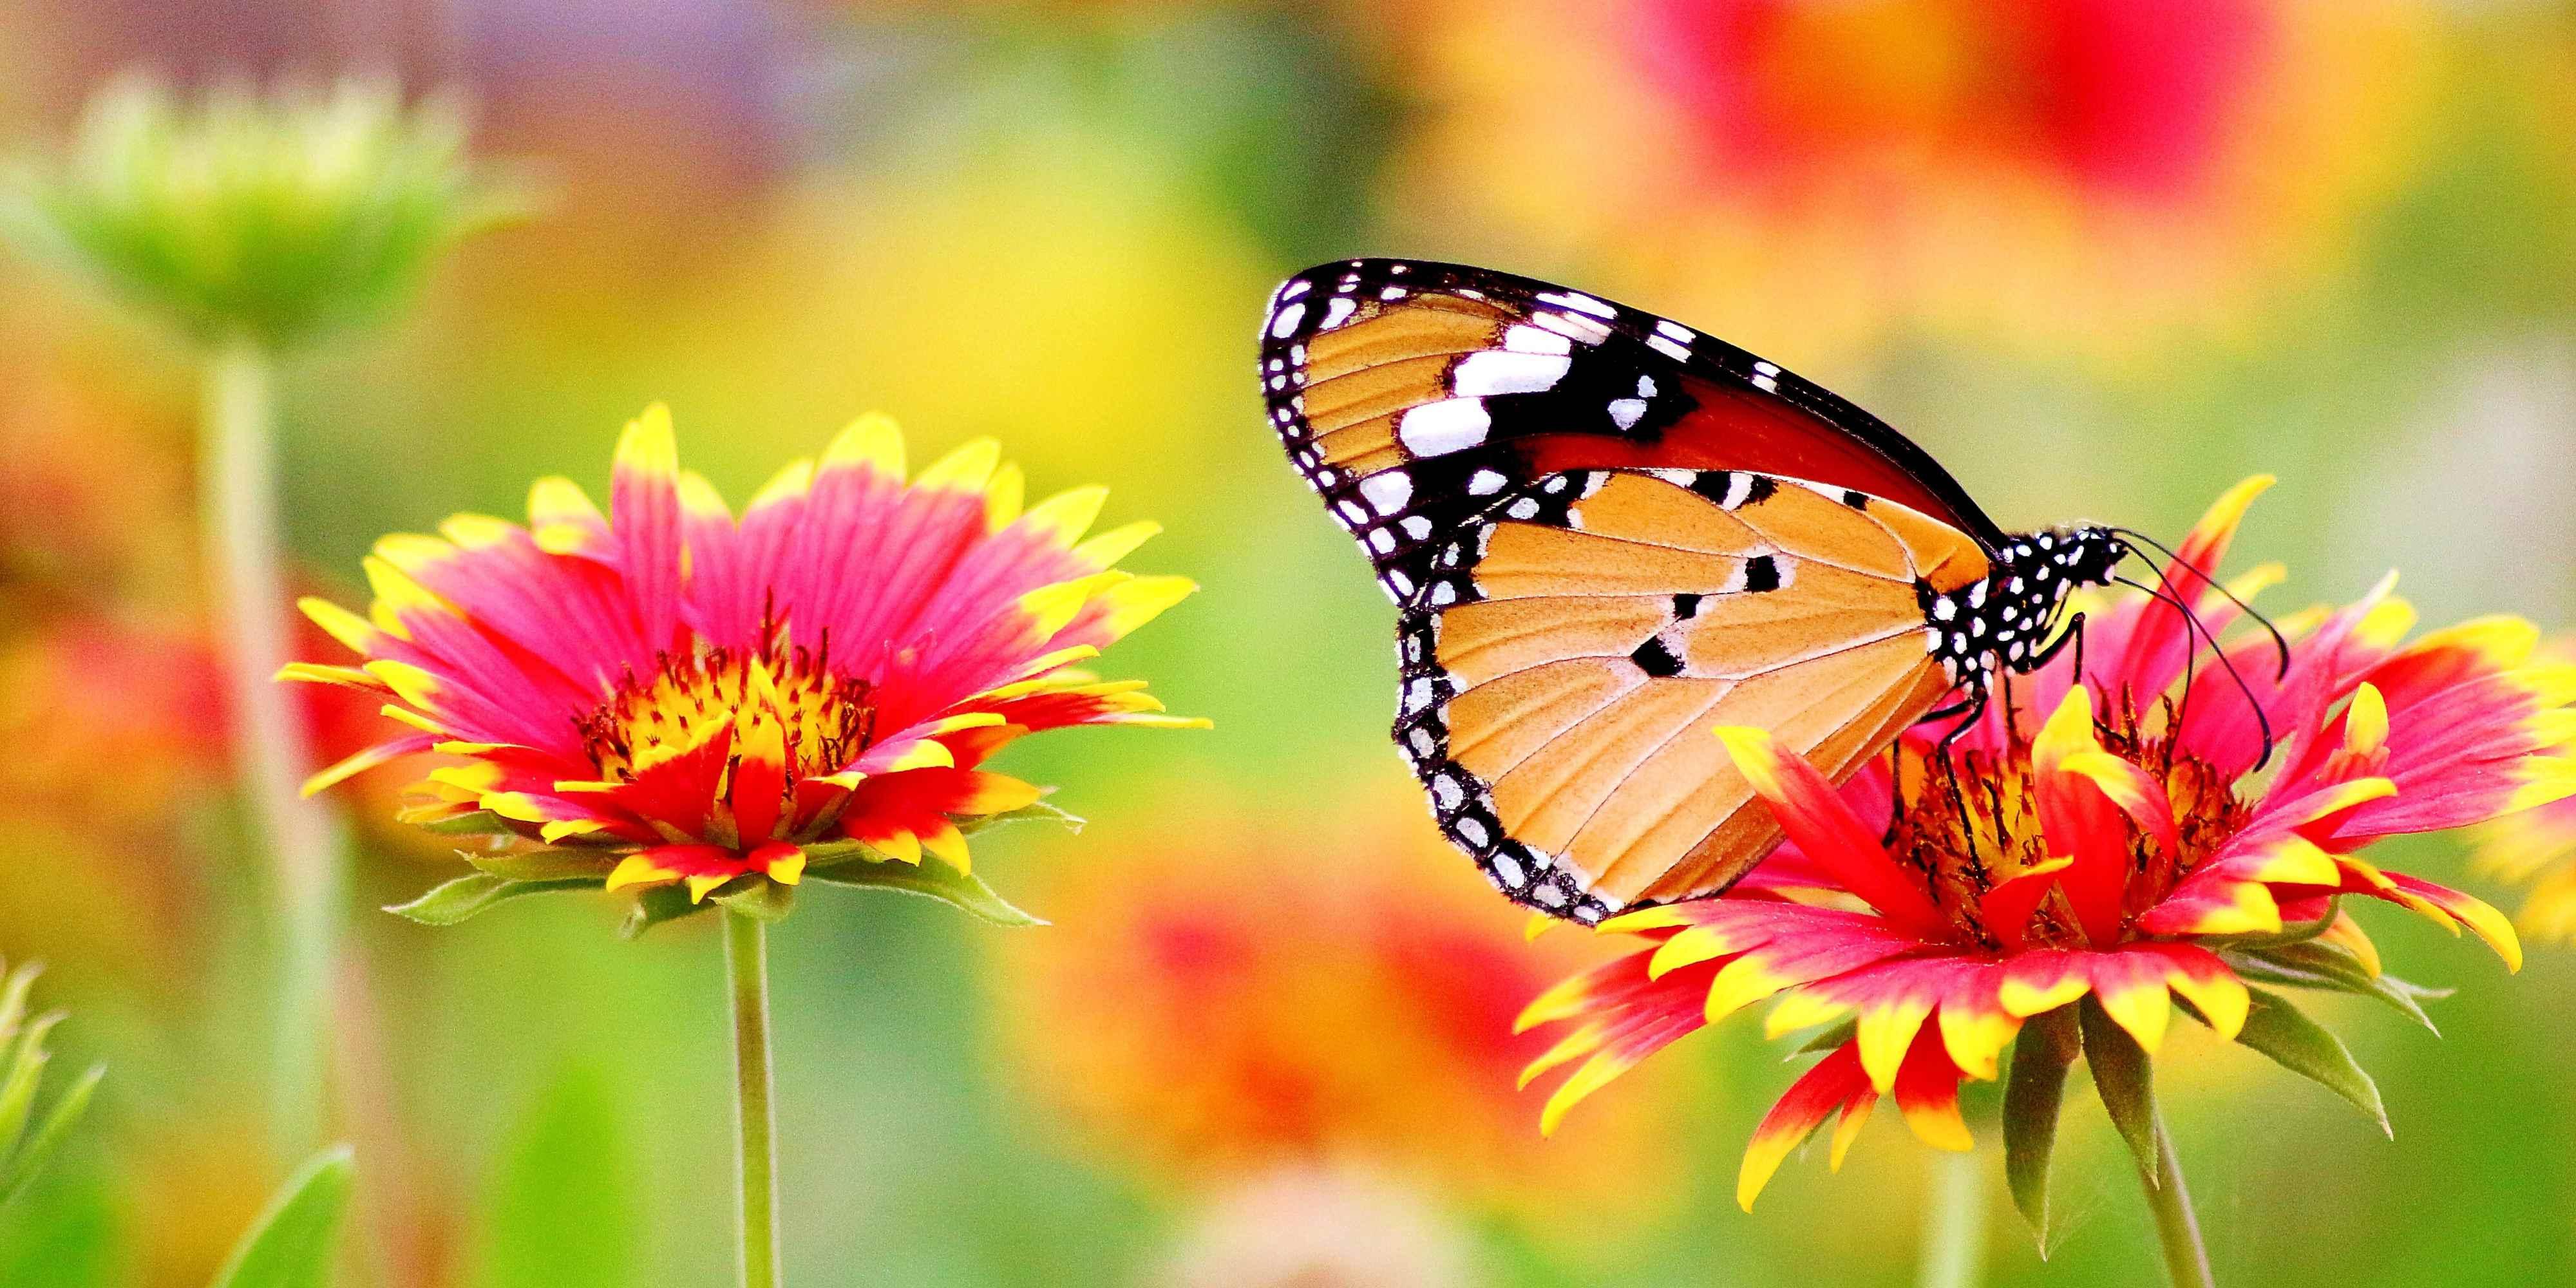 Progetto educativo per la scuola primaria con approfondimento su tematiche relative alla vita delle farfalle